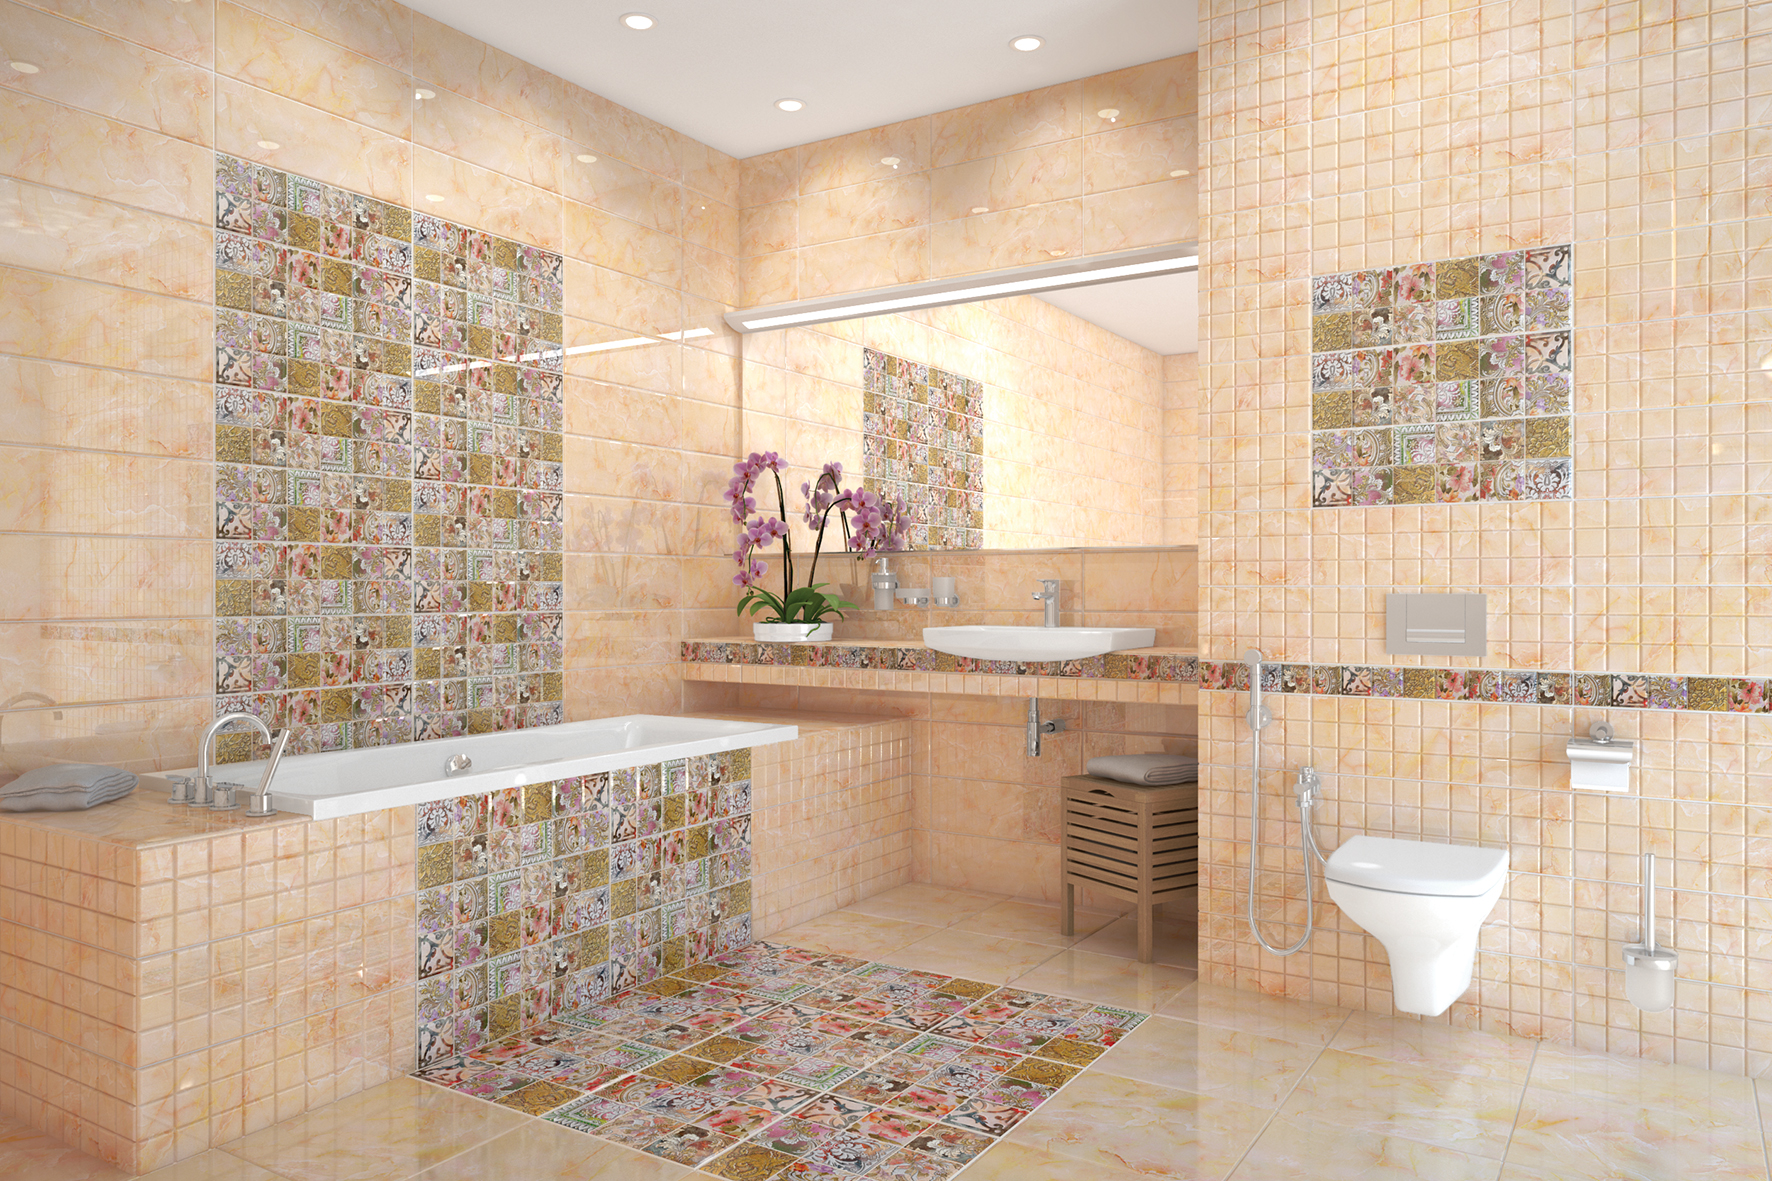 Новости PRO Ремонт - Керамическая плитка для кухни, ванной комнаты, стен и пола